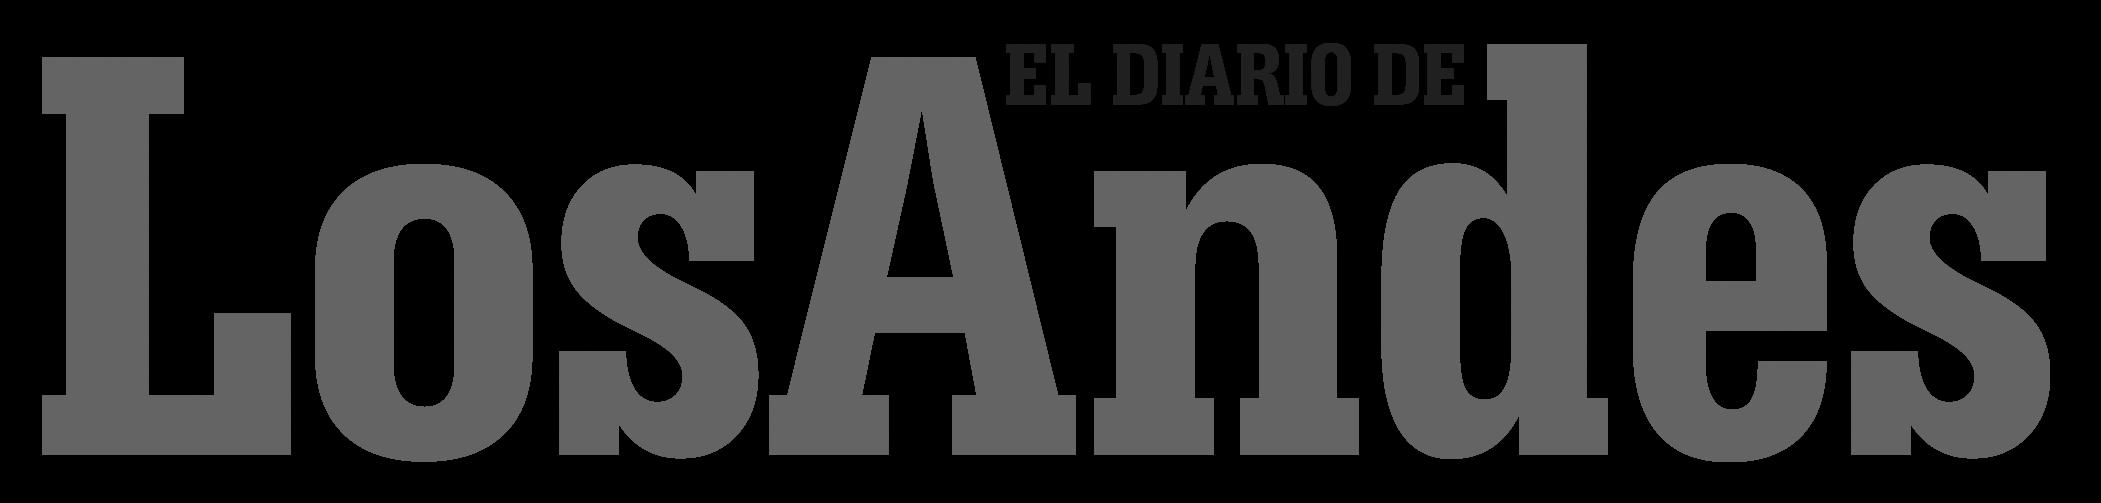 Los Andes logo transparente blanco y negro